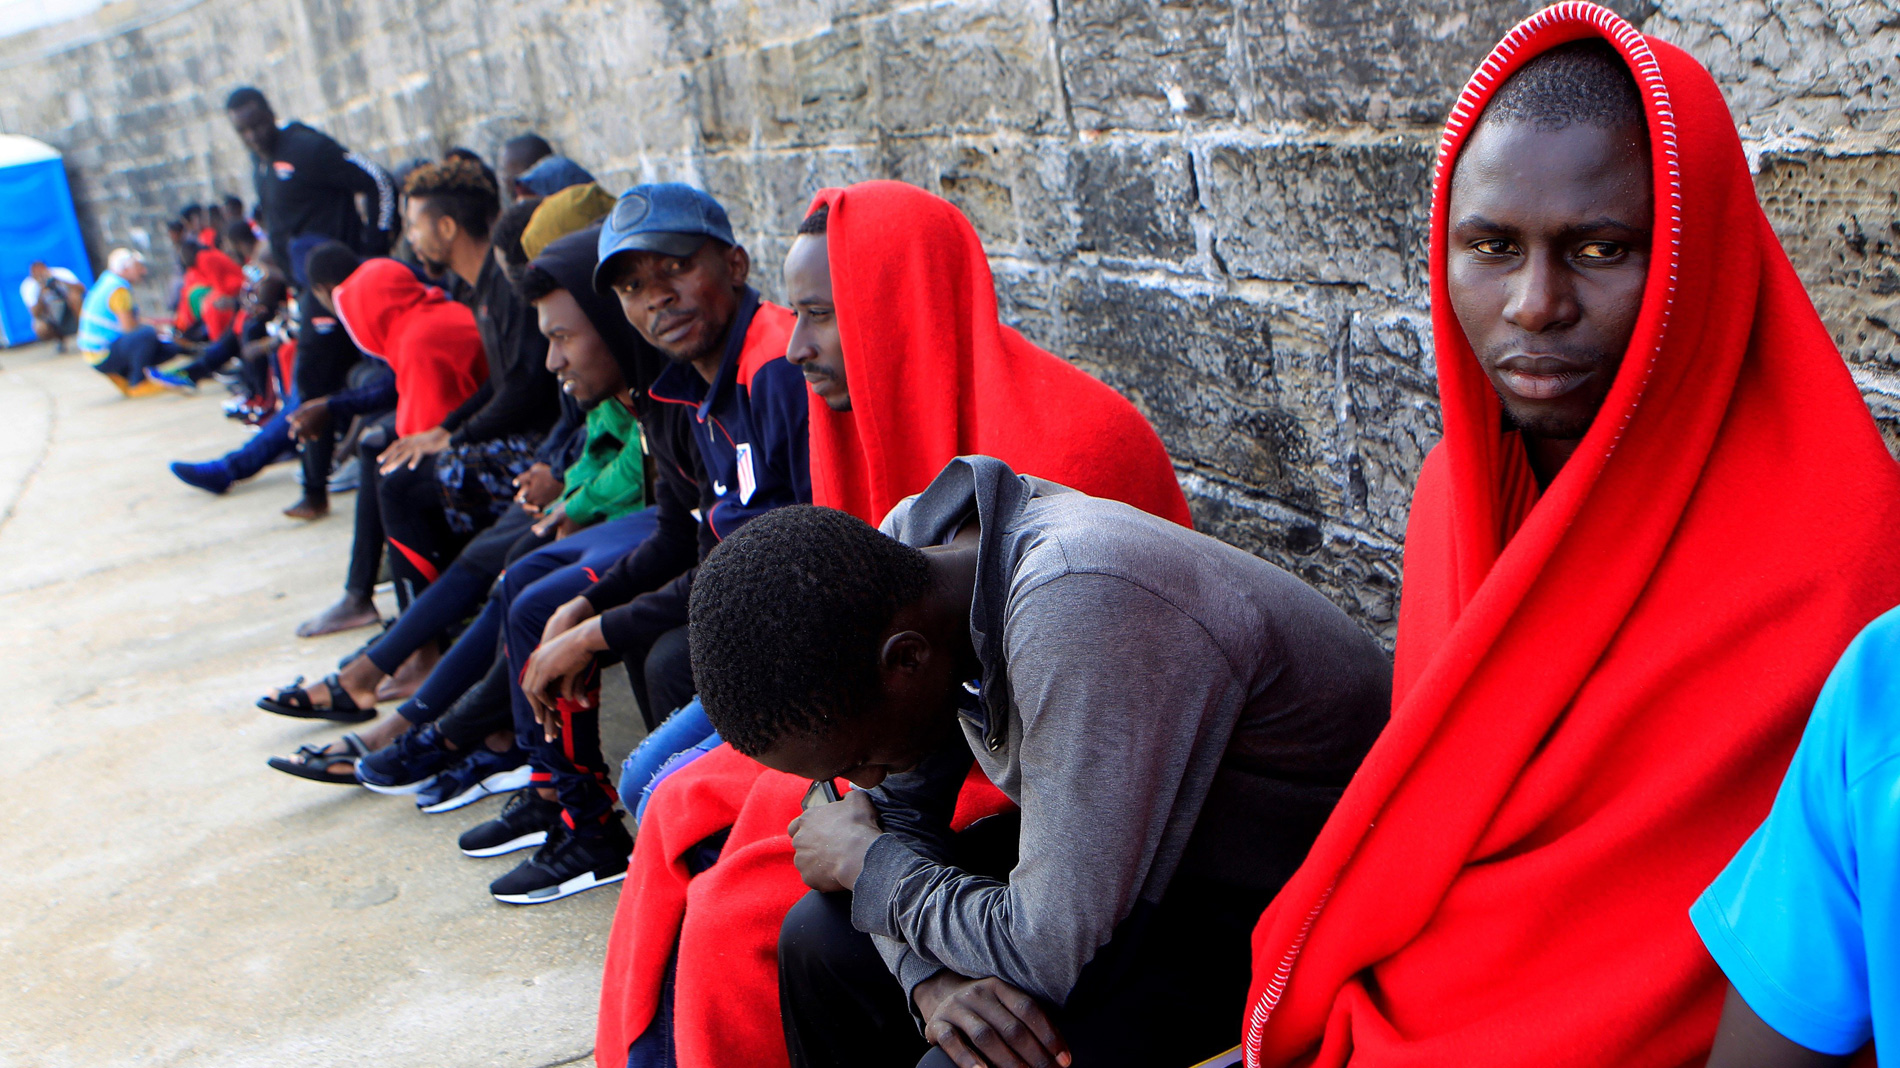 Ir al VideoCasi 1.200 migrantes llegan en pateras a las costas españolas durante el fin de semana